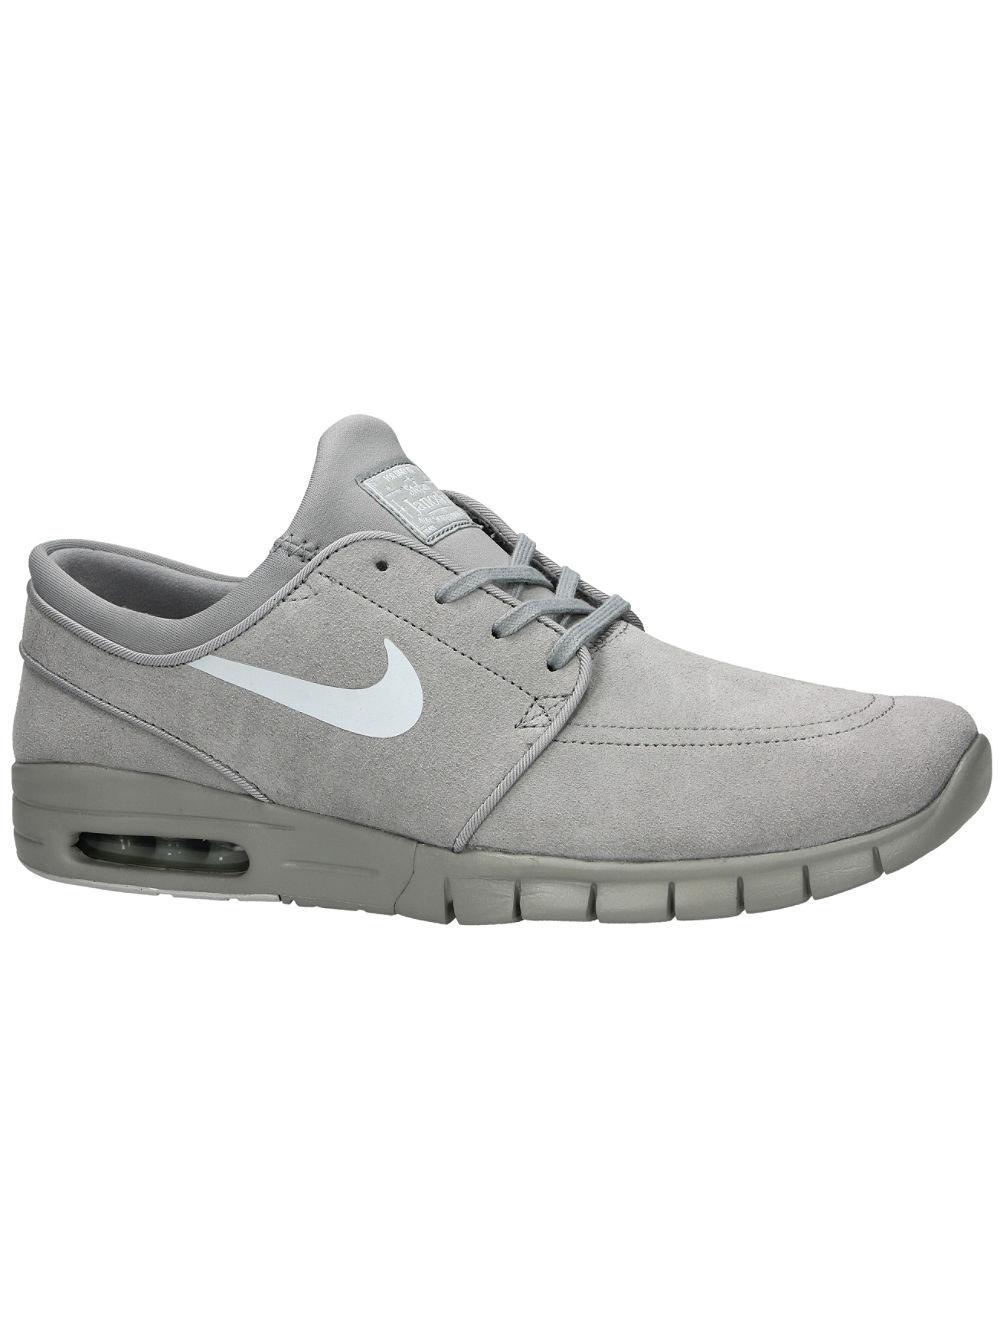 Nike Stefan Janoski Max Branco Nike Walking Shoes Kohls  6a2dccc0f